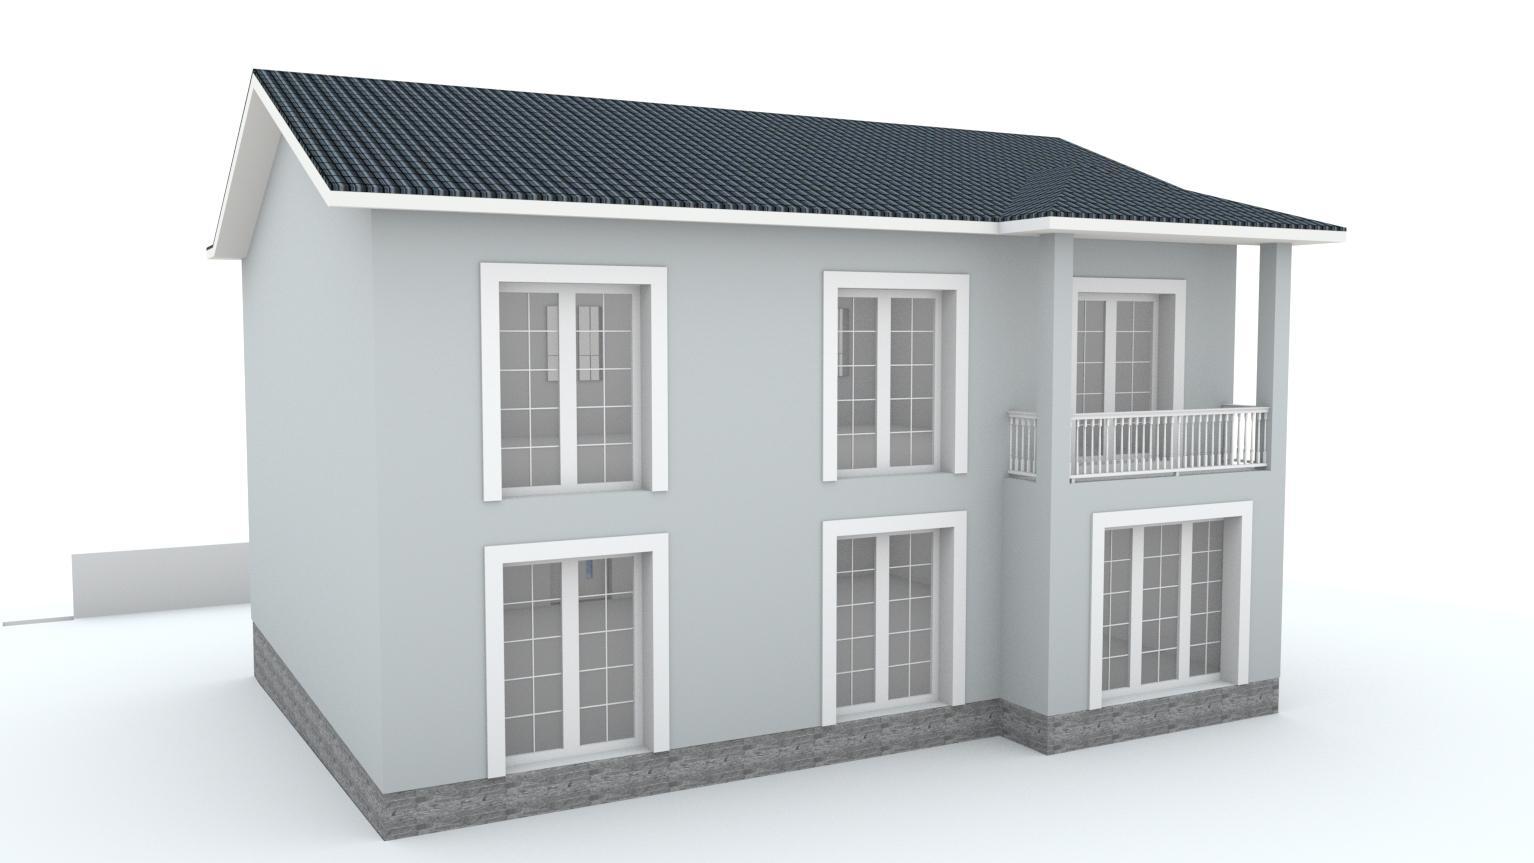 Návrh fasády rodinného domu Bratislava - Obrázok č. 13